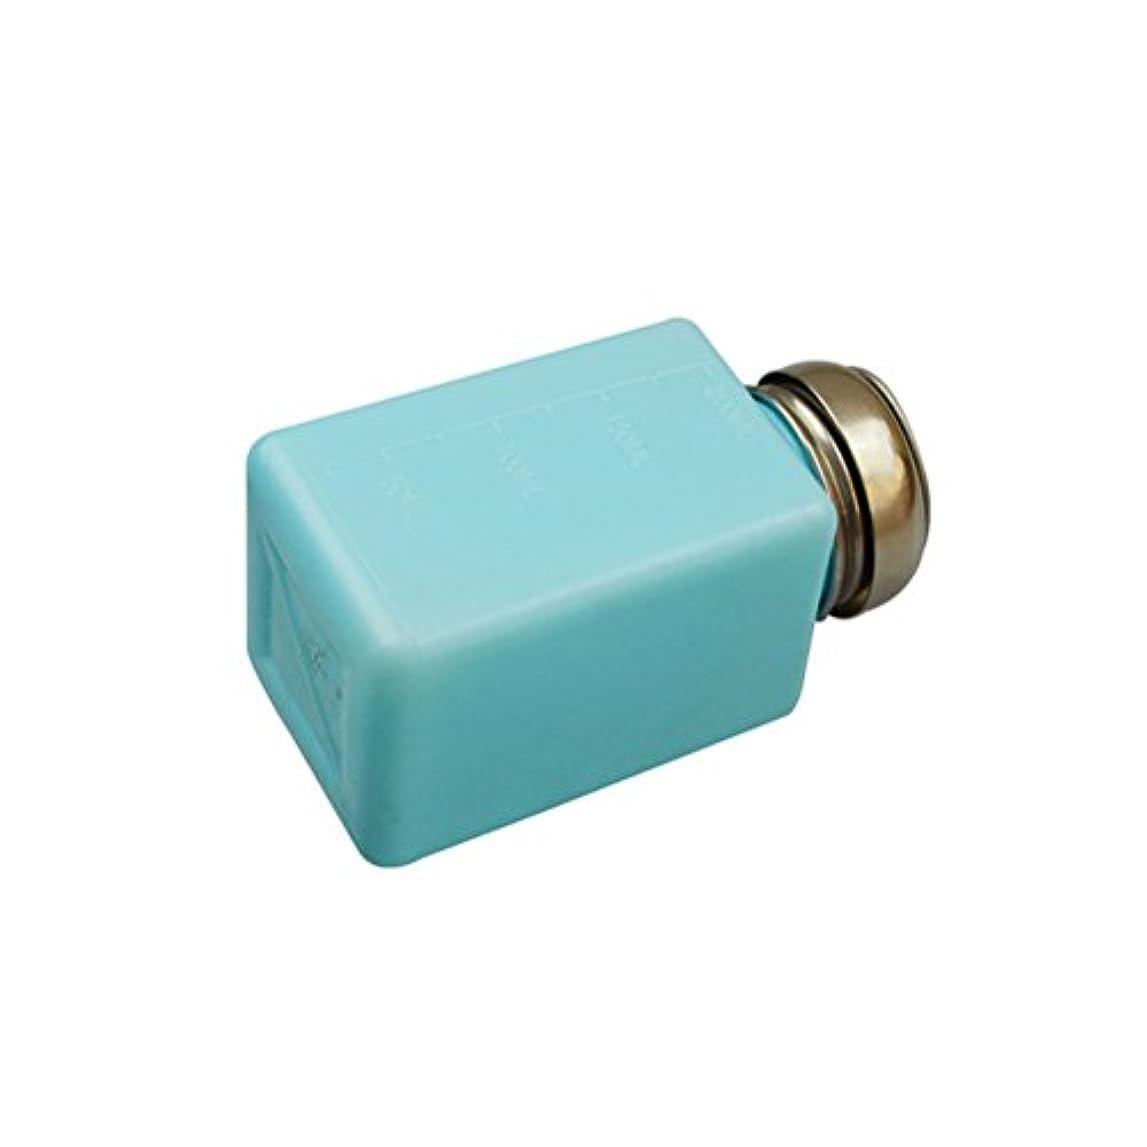 極小避難するアクセスできないBESTOMZ アルコールボトル 便利 クレンジングオイル 小分け容器 静電防止 200ML(青)